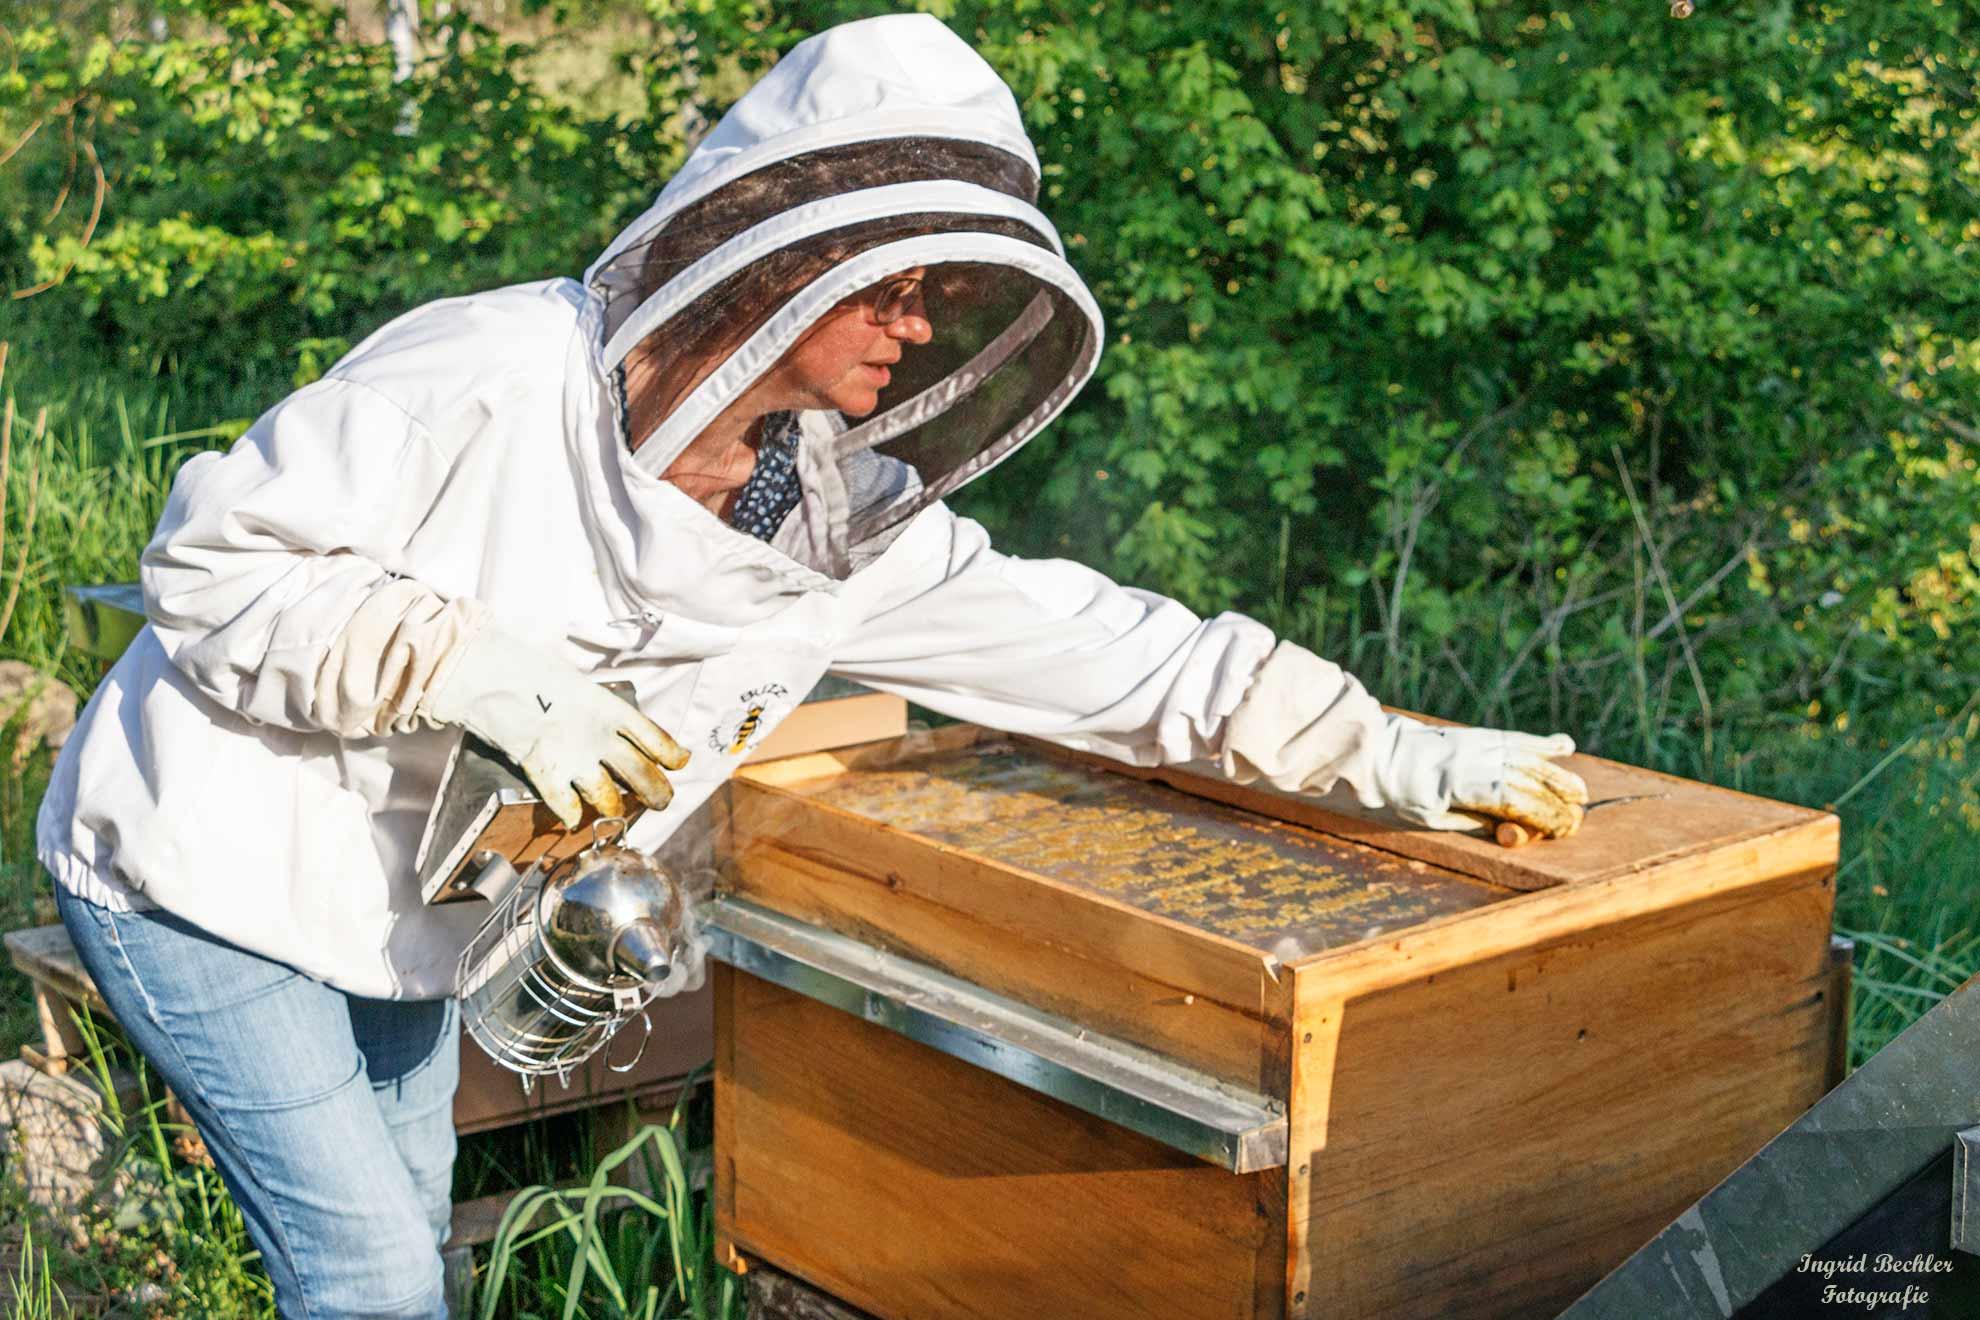 Eine Imkerin begutachtet die Arbeit ihres Bienenvolks (Foto: Ingrid Bechler)